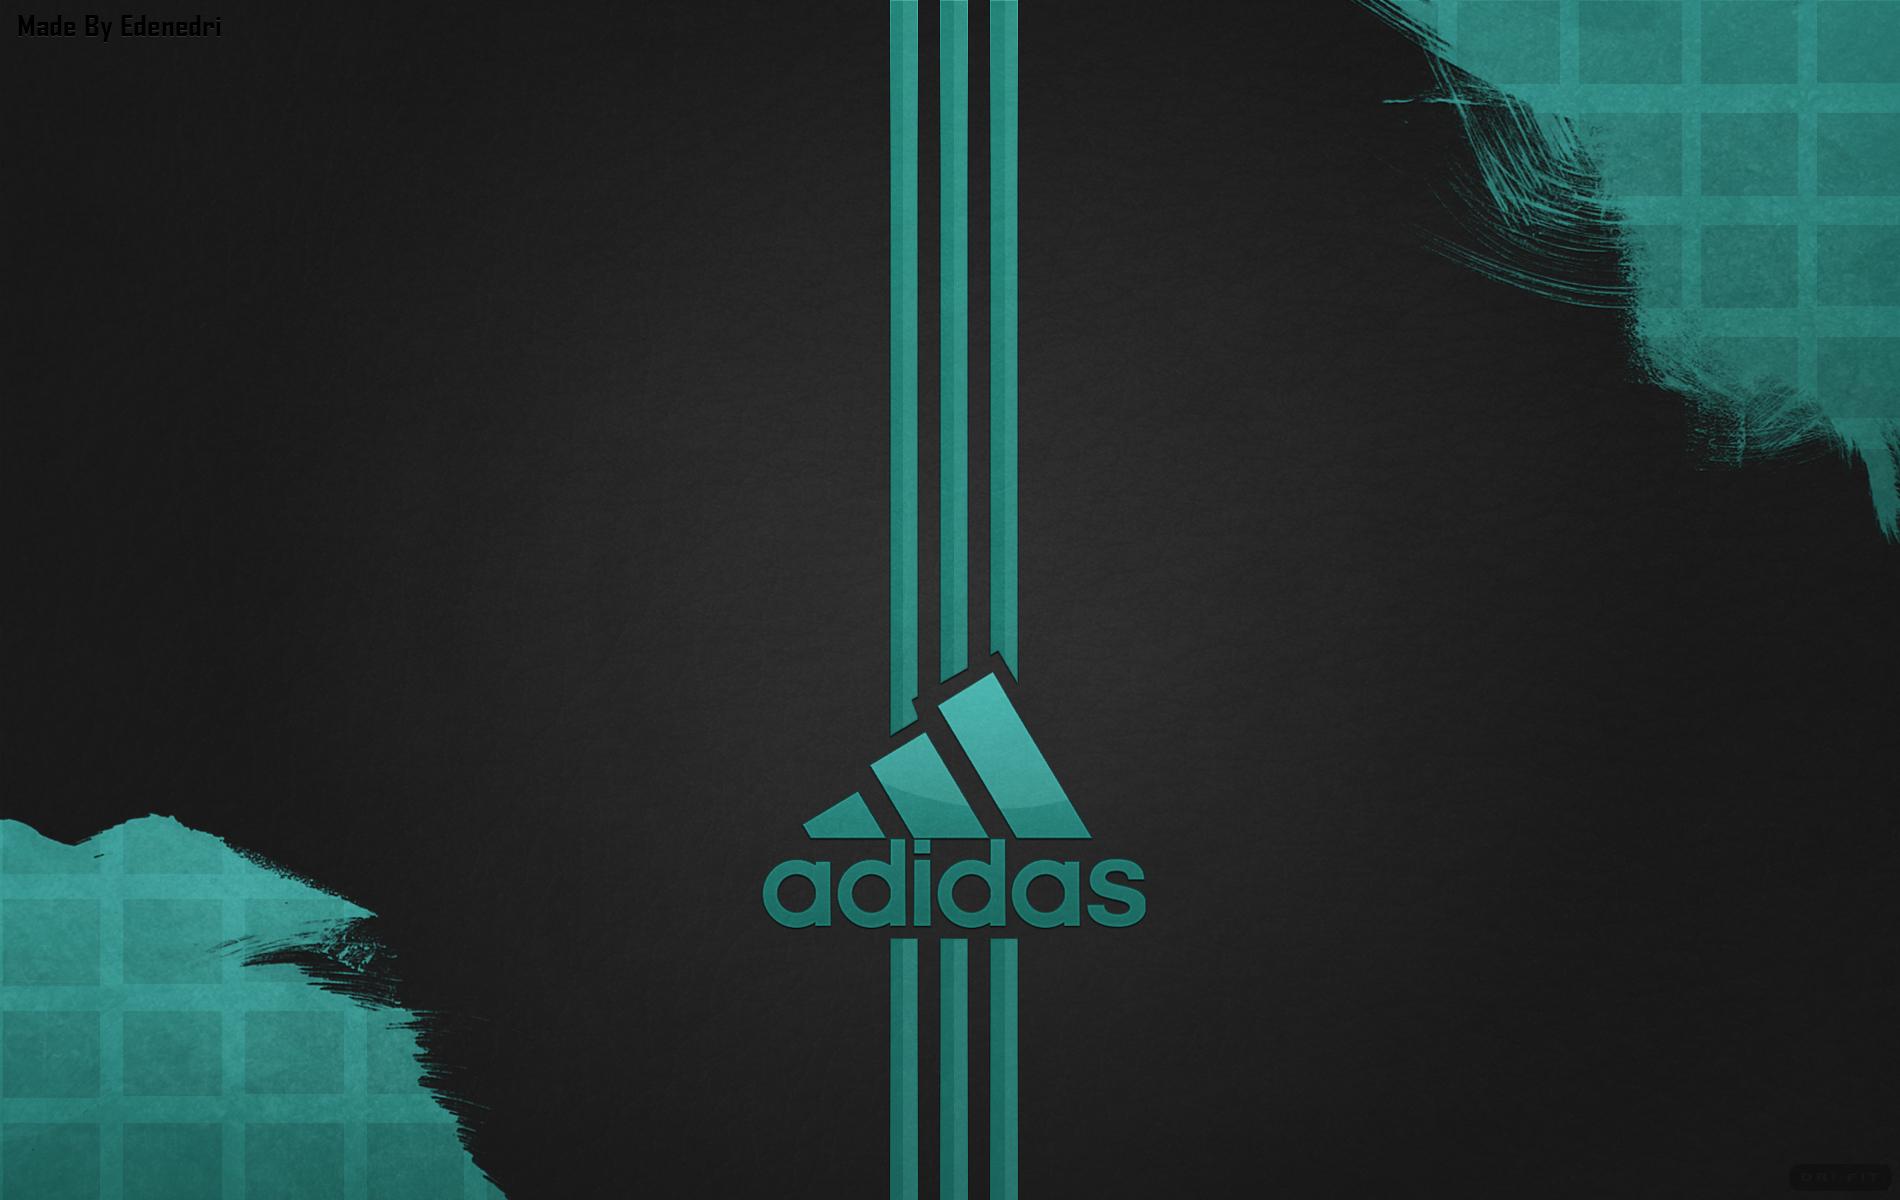 Adidas Backgrounds Wallpapers ImageBankbiz 1900x1200